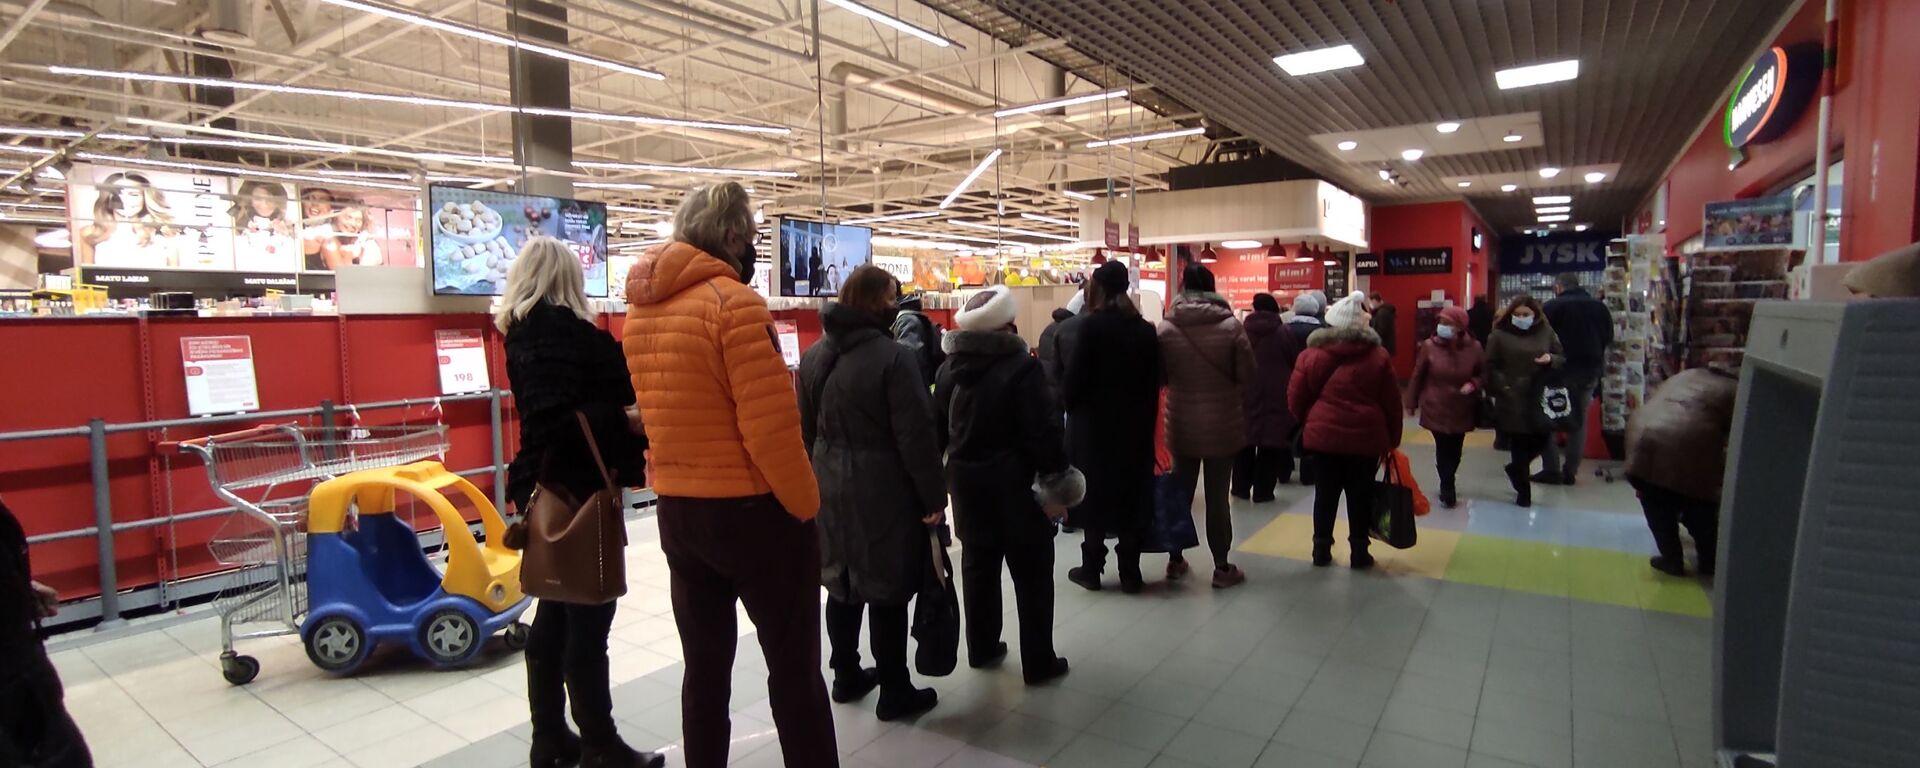 Очередь на вход в торговый зал супермаркета Rimi в Риге - Sputnik Latvija, 1920, 02.04.2021